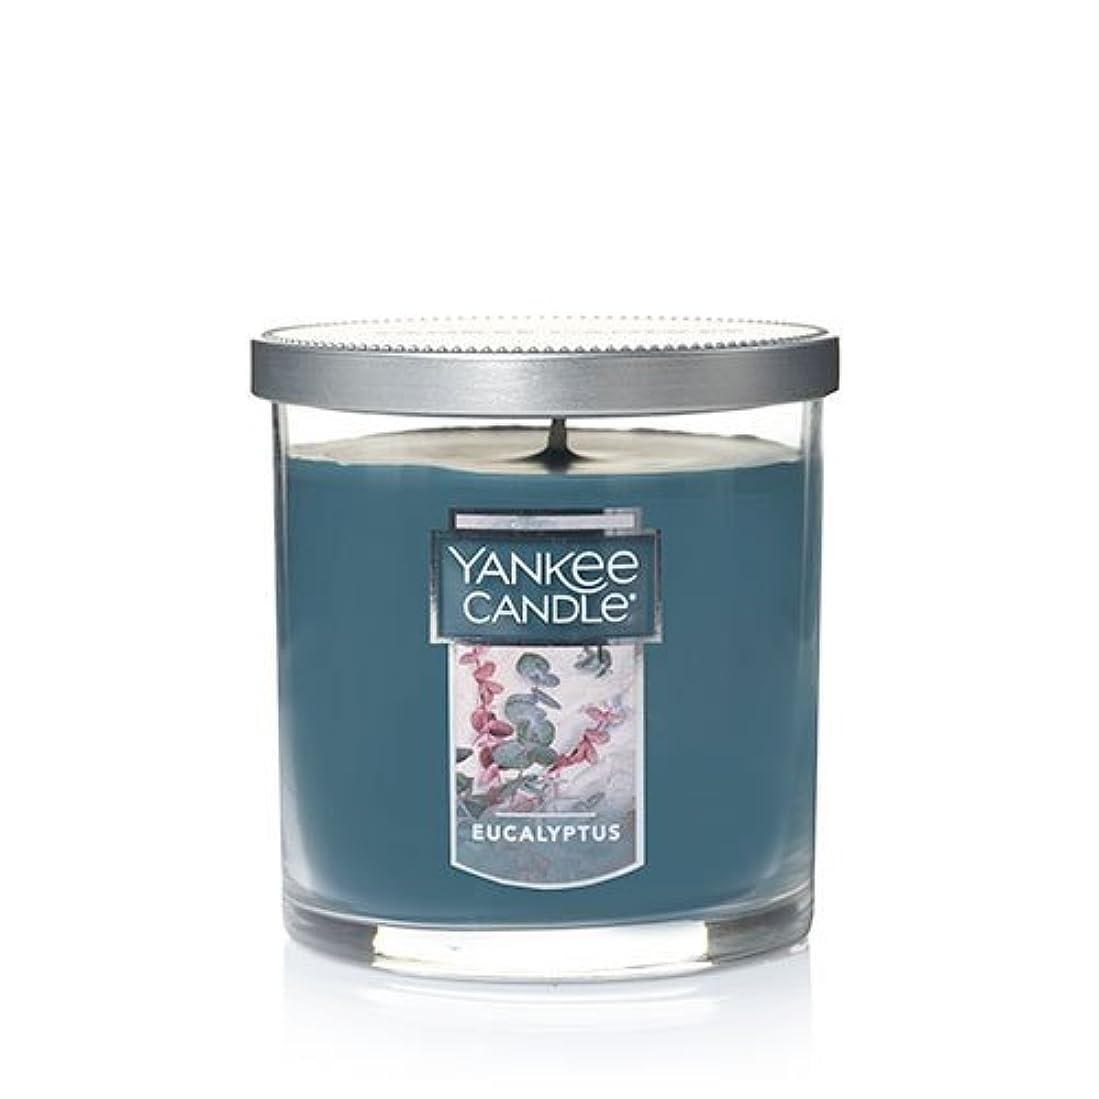 鎮静剤ヶ月目経由でYankee Candleユーカリ、新鮮な香り Small Single Wick Tumbler Candle グリーン 1185969Z